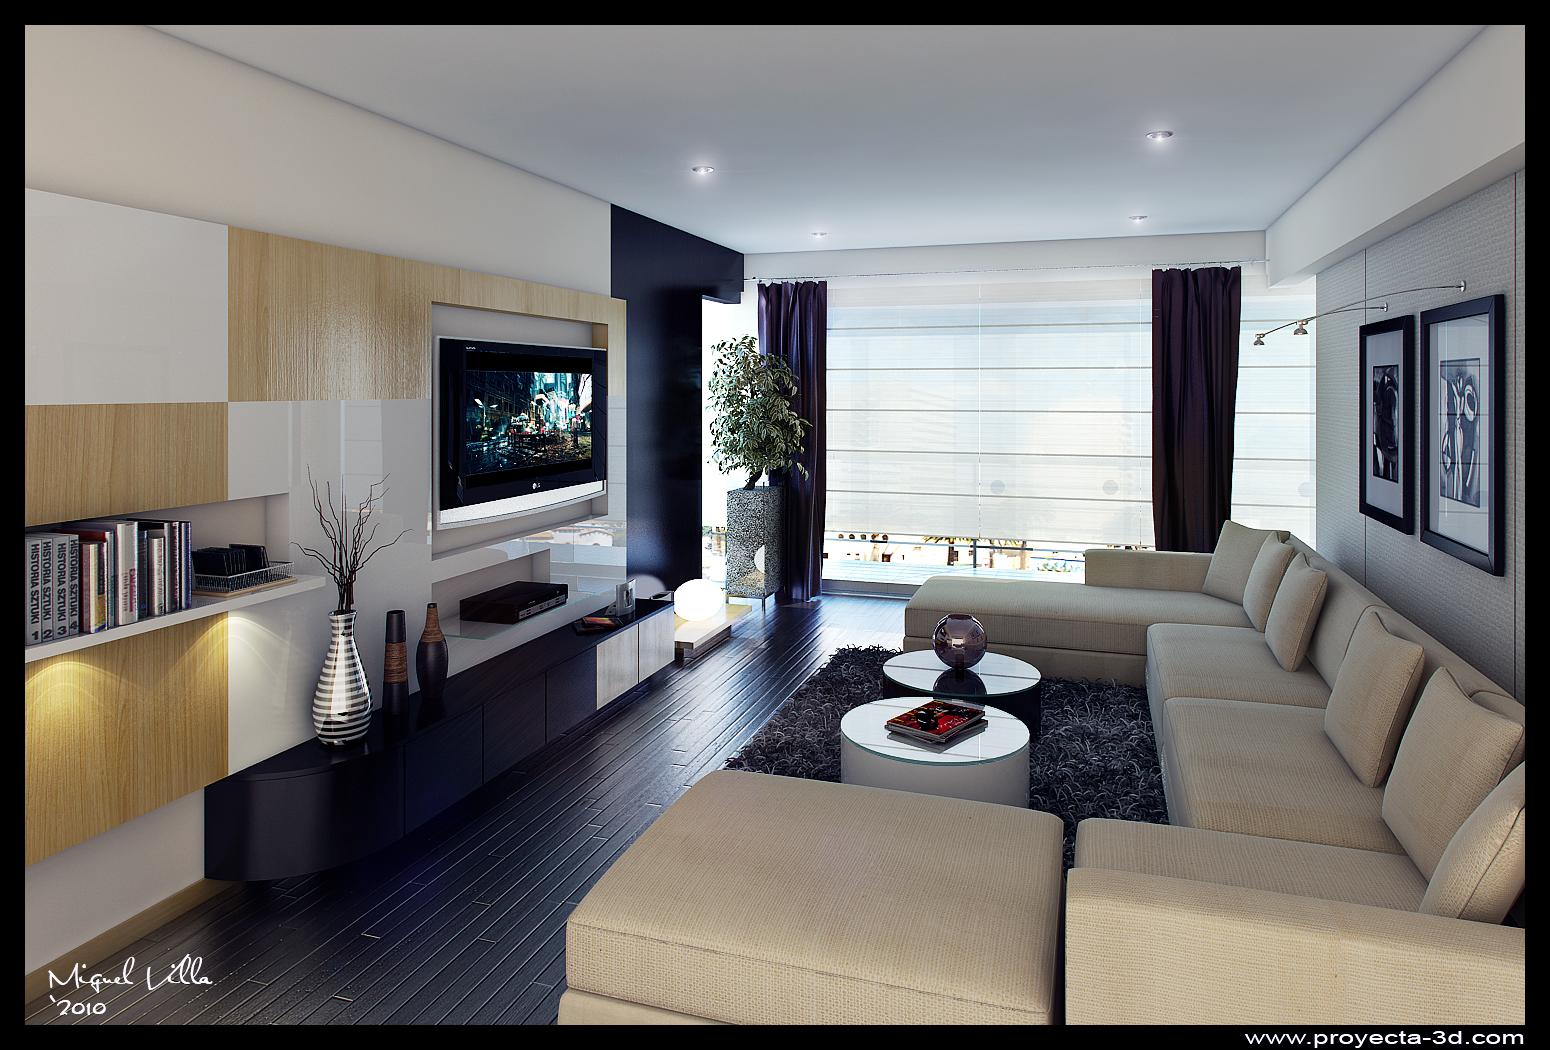 Sala Tv Portfolio Work Evermotion -> Fotos De Salas De Tv